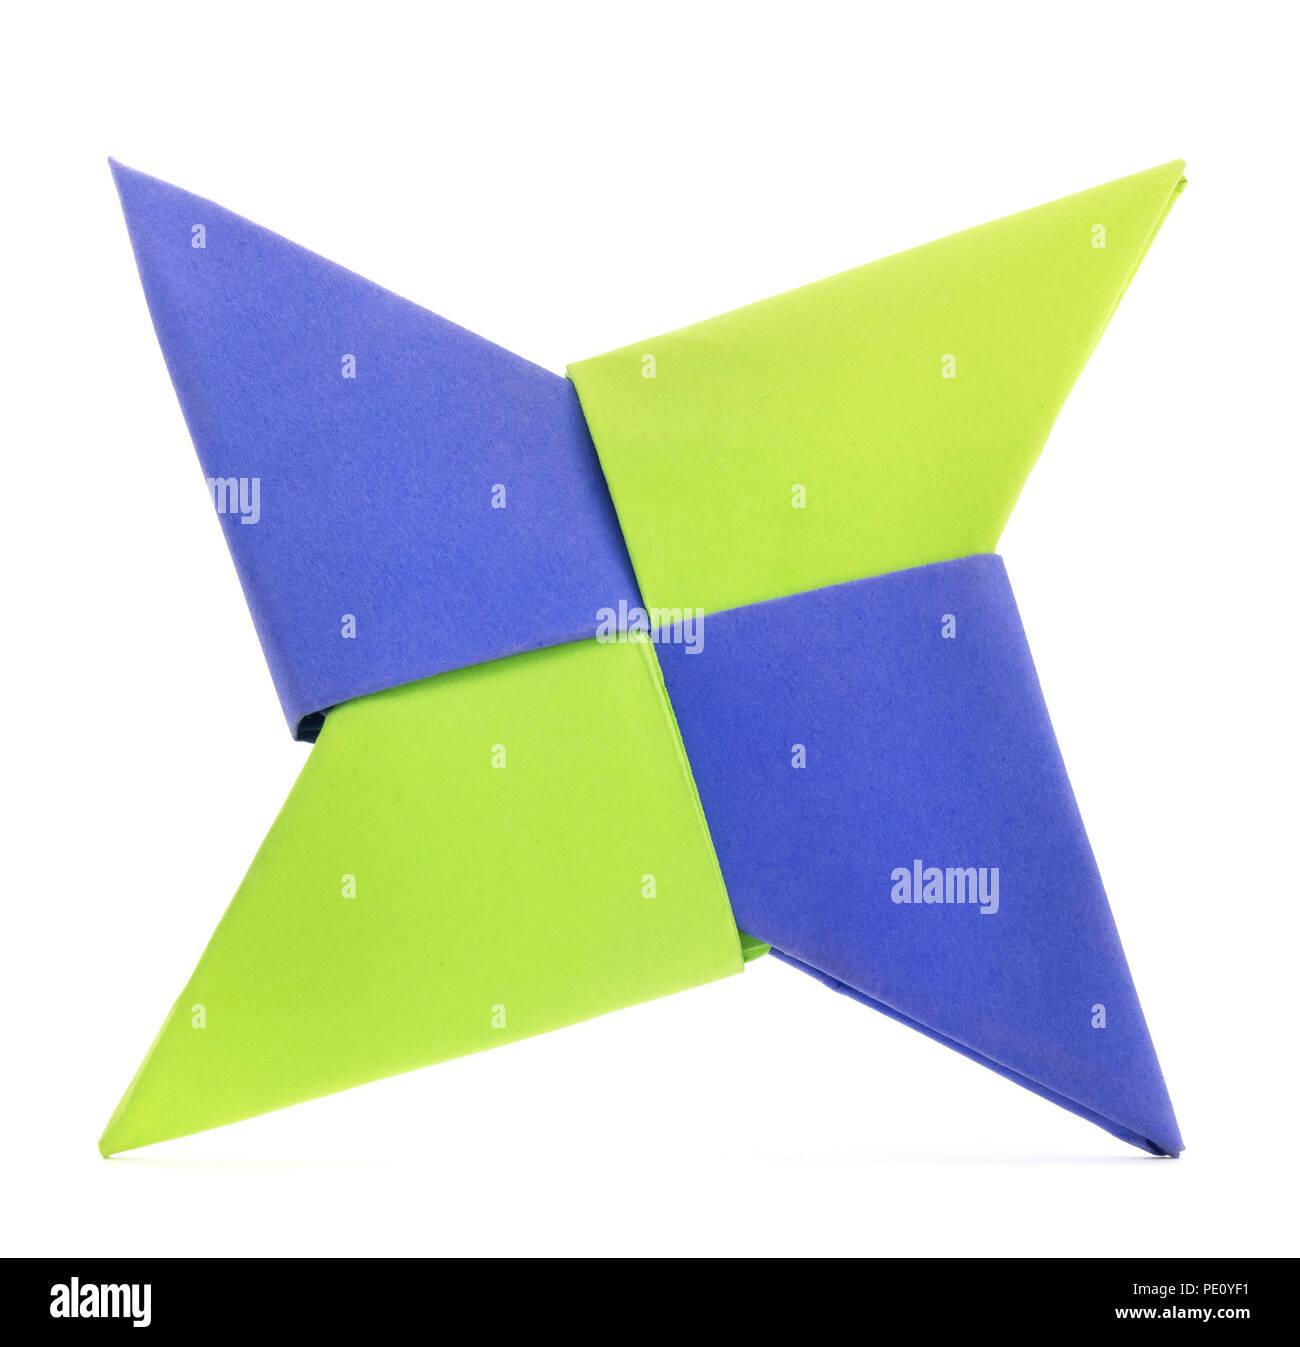 Isolierte origami Papier Stern falten. Origami Stern Papier Falten auf einem weißen Hintergrund. Stockbild